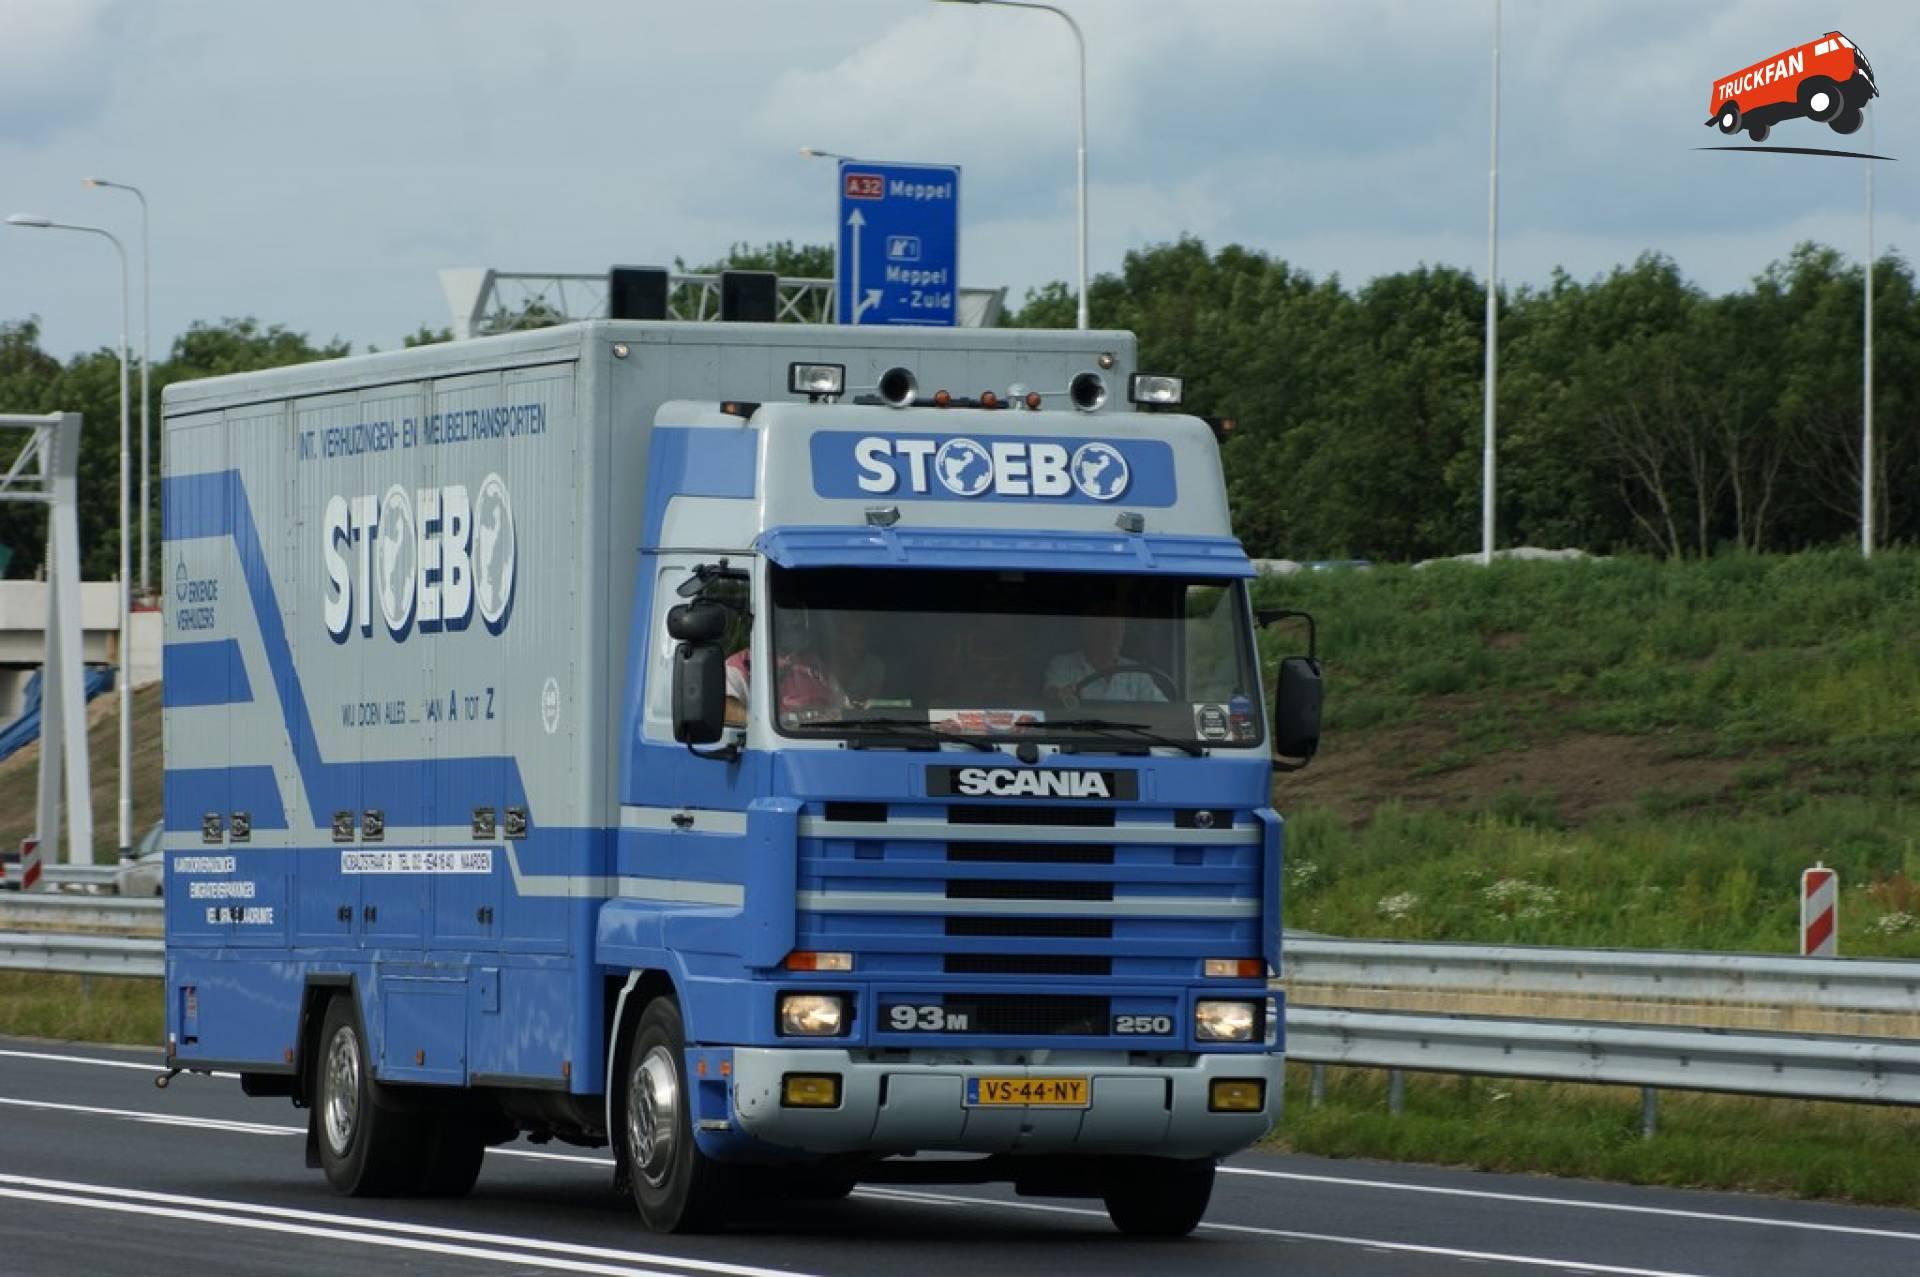 Scania 93 Streamline